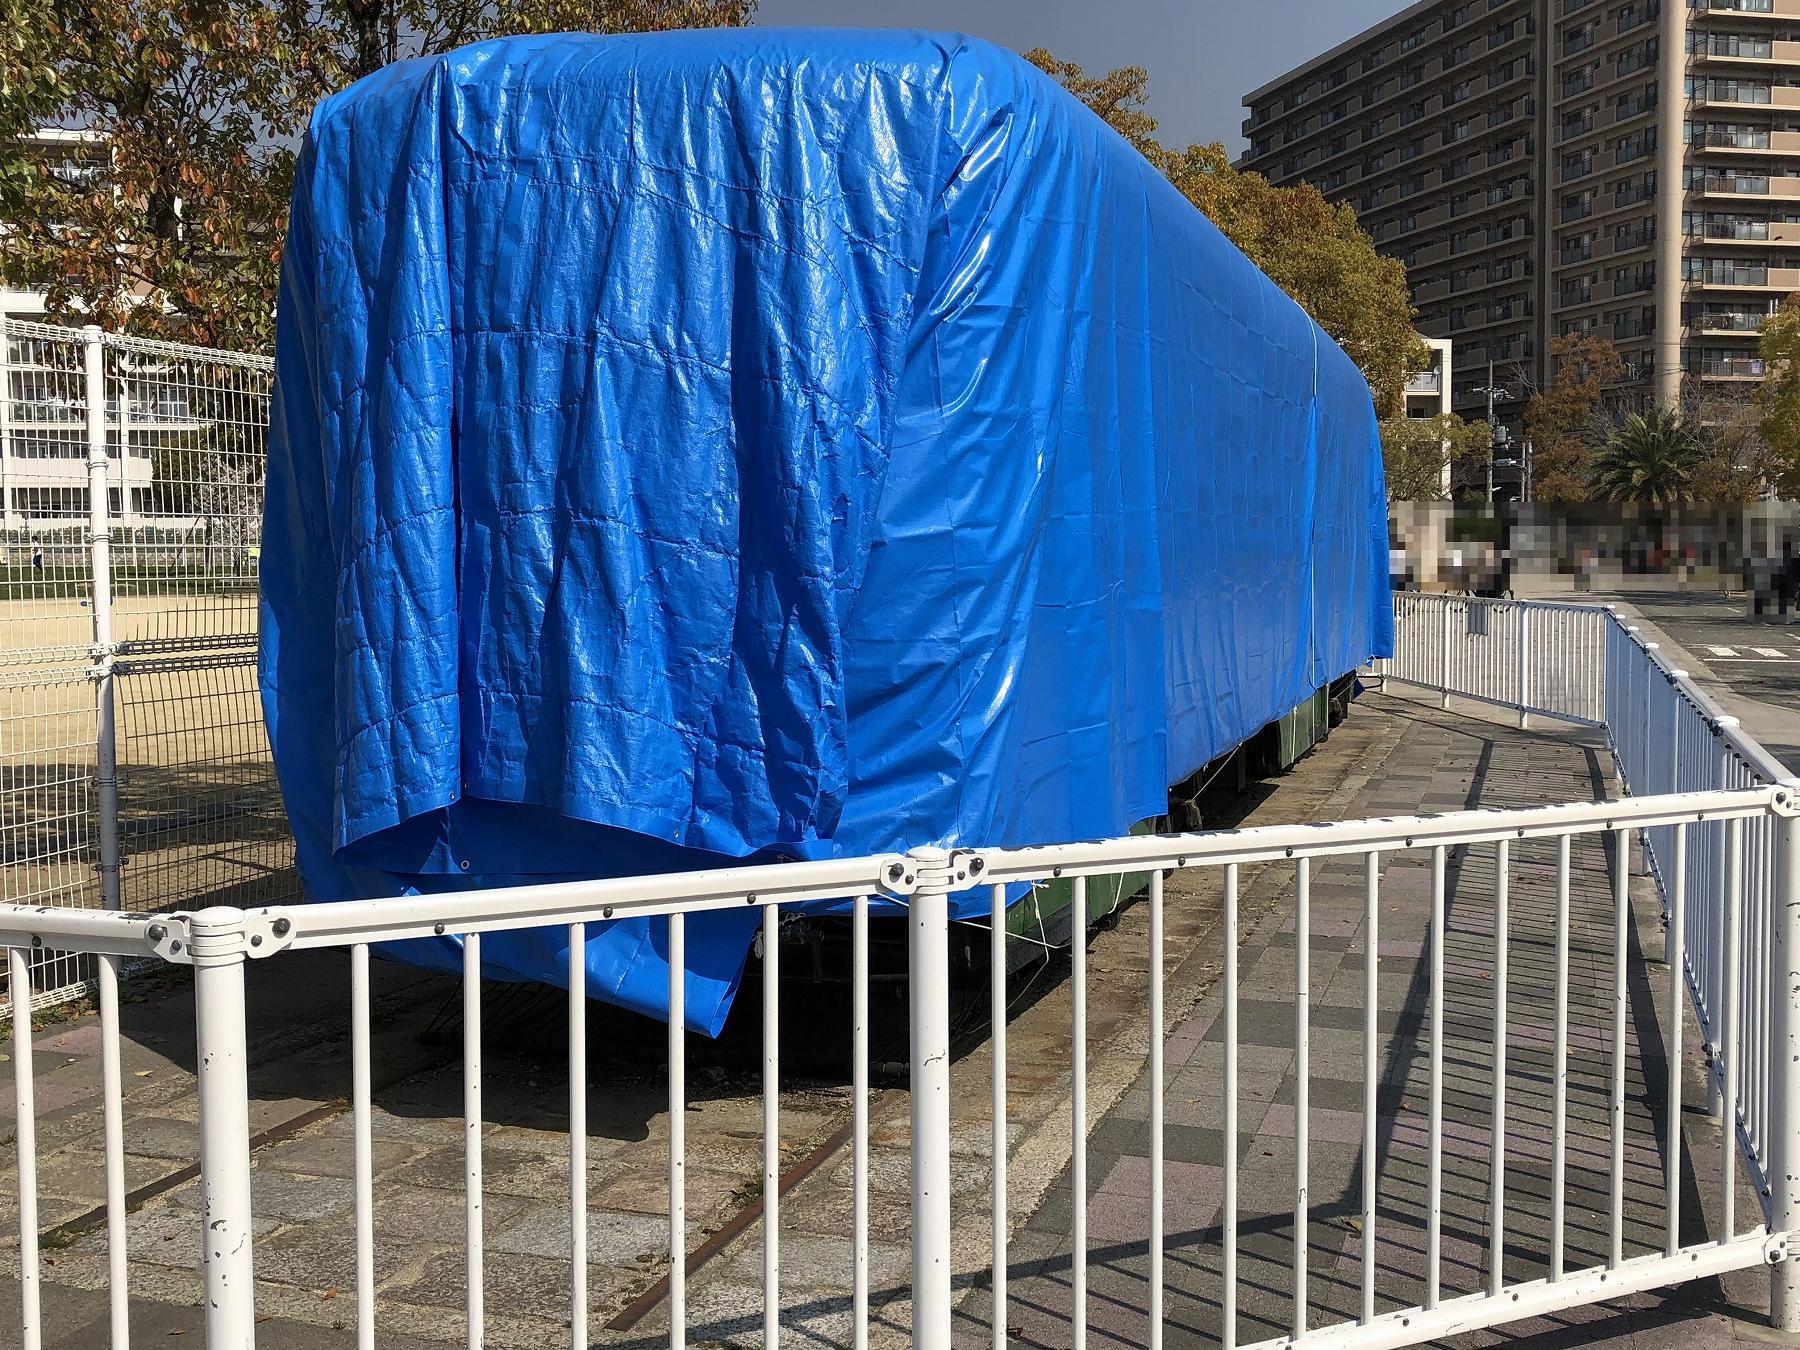 【※写真追加更新】東灘・本山にある「小寄公園」(旧本山交通公園)の「神戸市電」が、ブルーシートに巻かれていたよ! #神戸市電 #神戸市交通局 #小寄公園